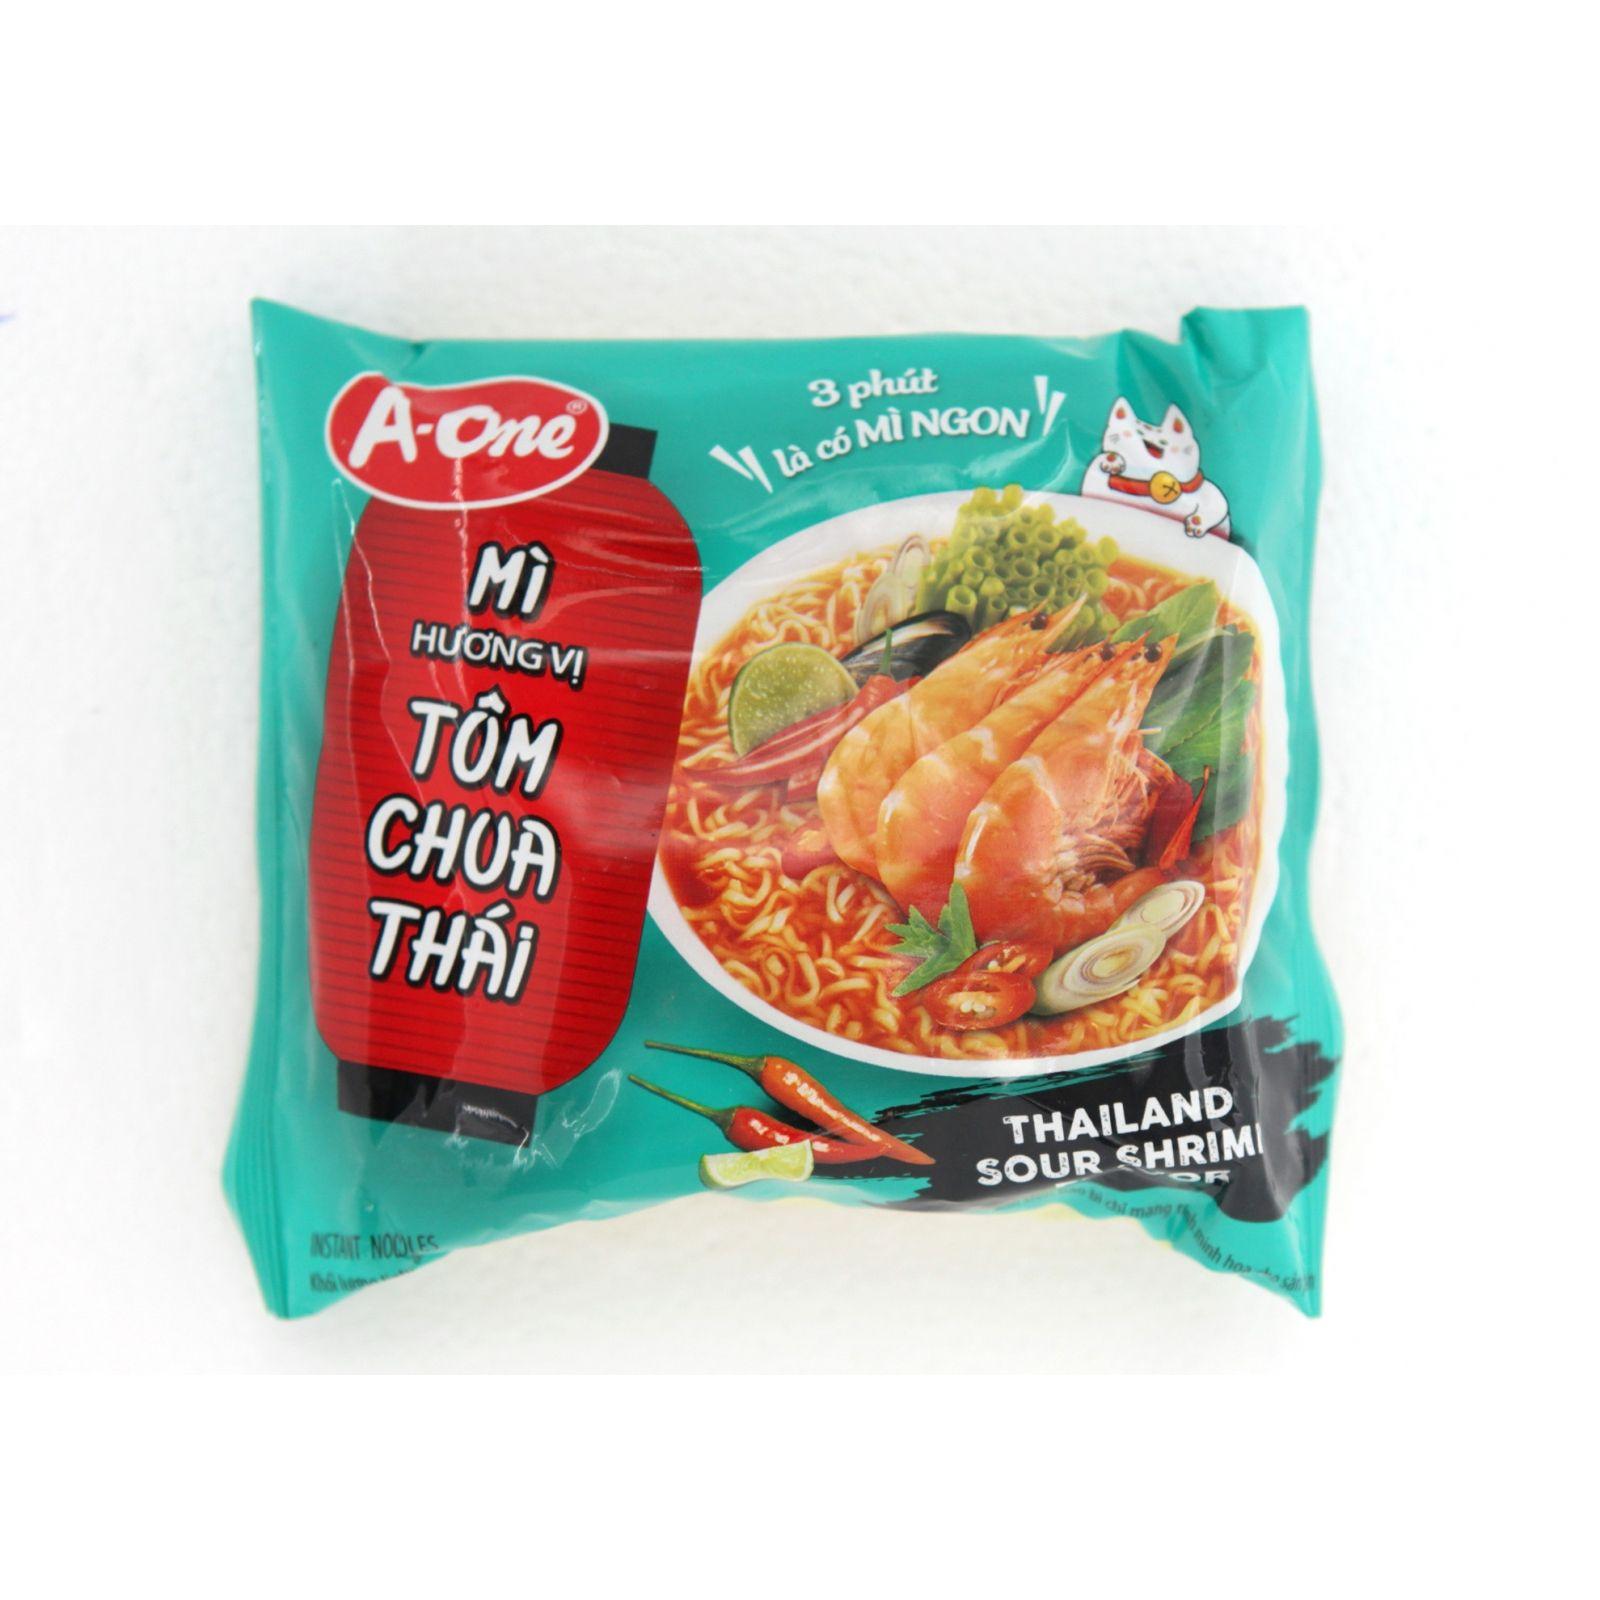 Asia Marché Soupe de nouilles à la crevette piquante 85g A-One Lot de 30